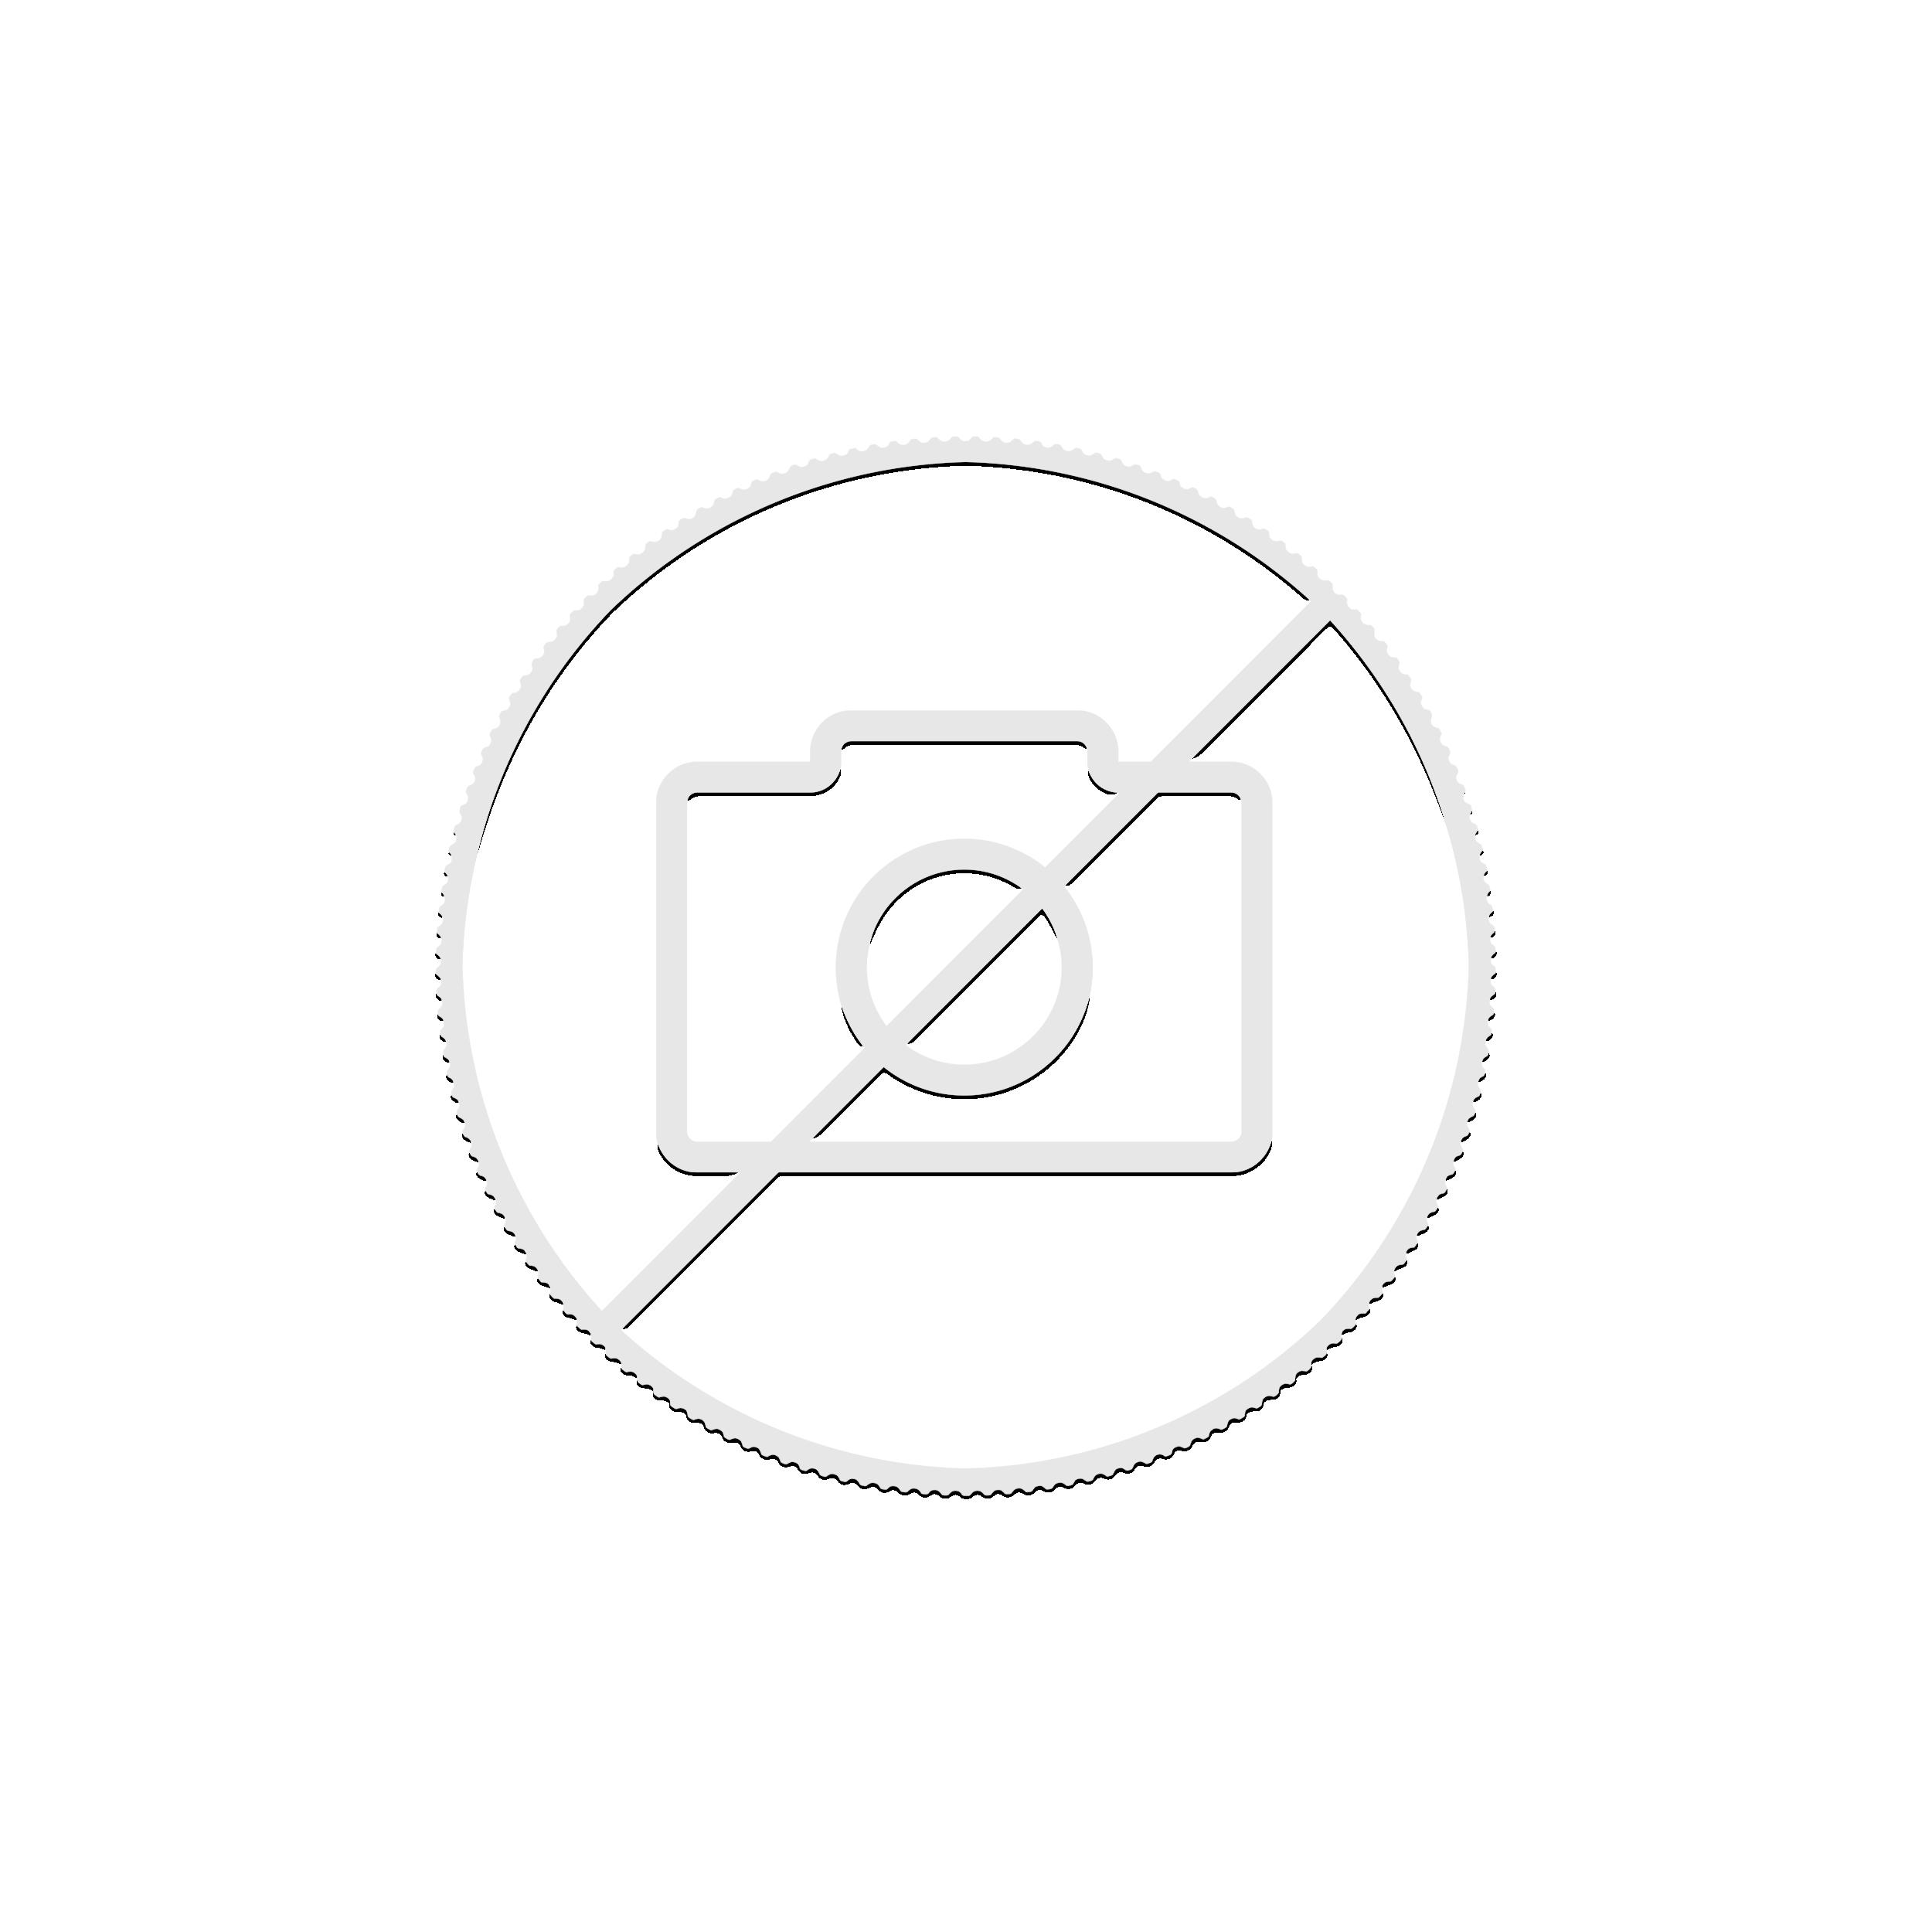 2 troy ounce zilveren munt Majestueuze Adelaar Zwart 2020 Proof